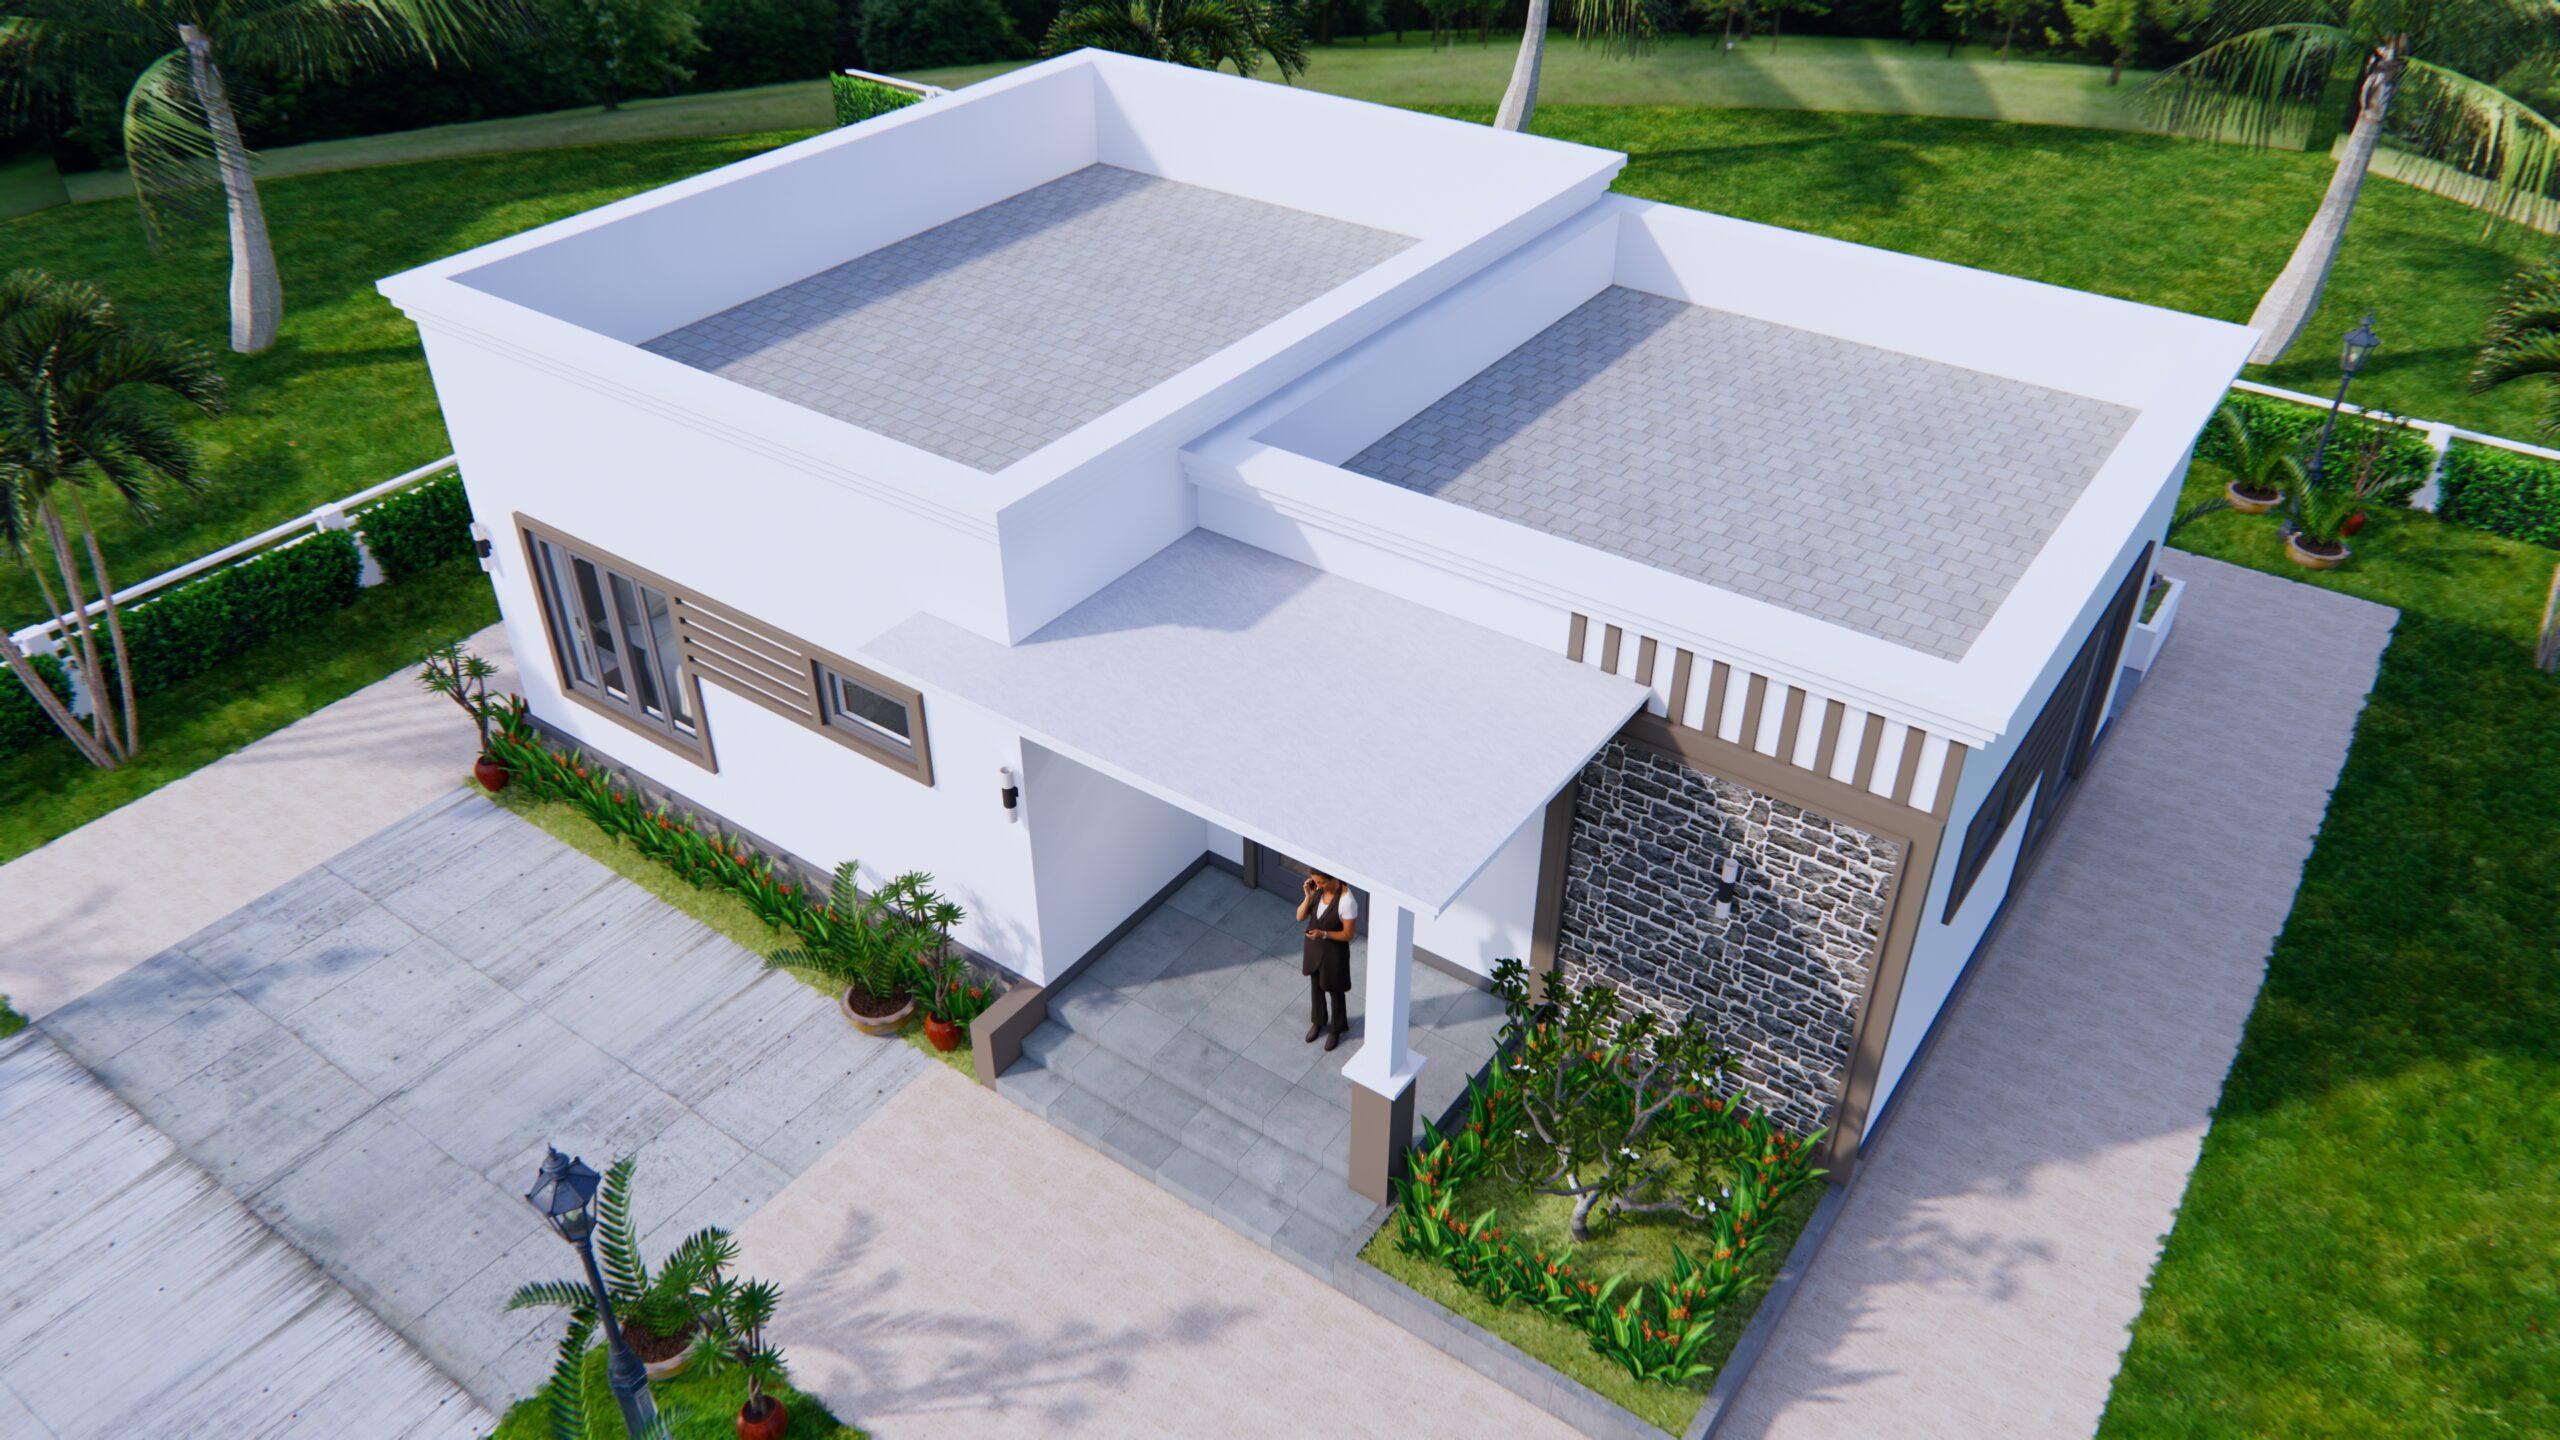 Online House Design 12x9 Meter 40x30 Feet 2 Beds 5